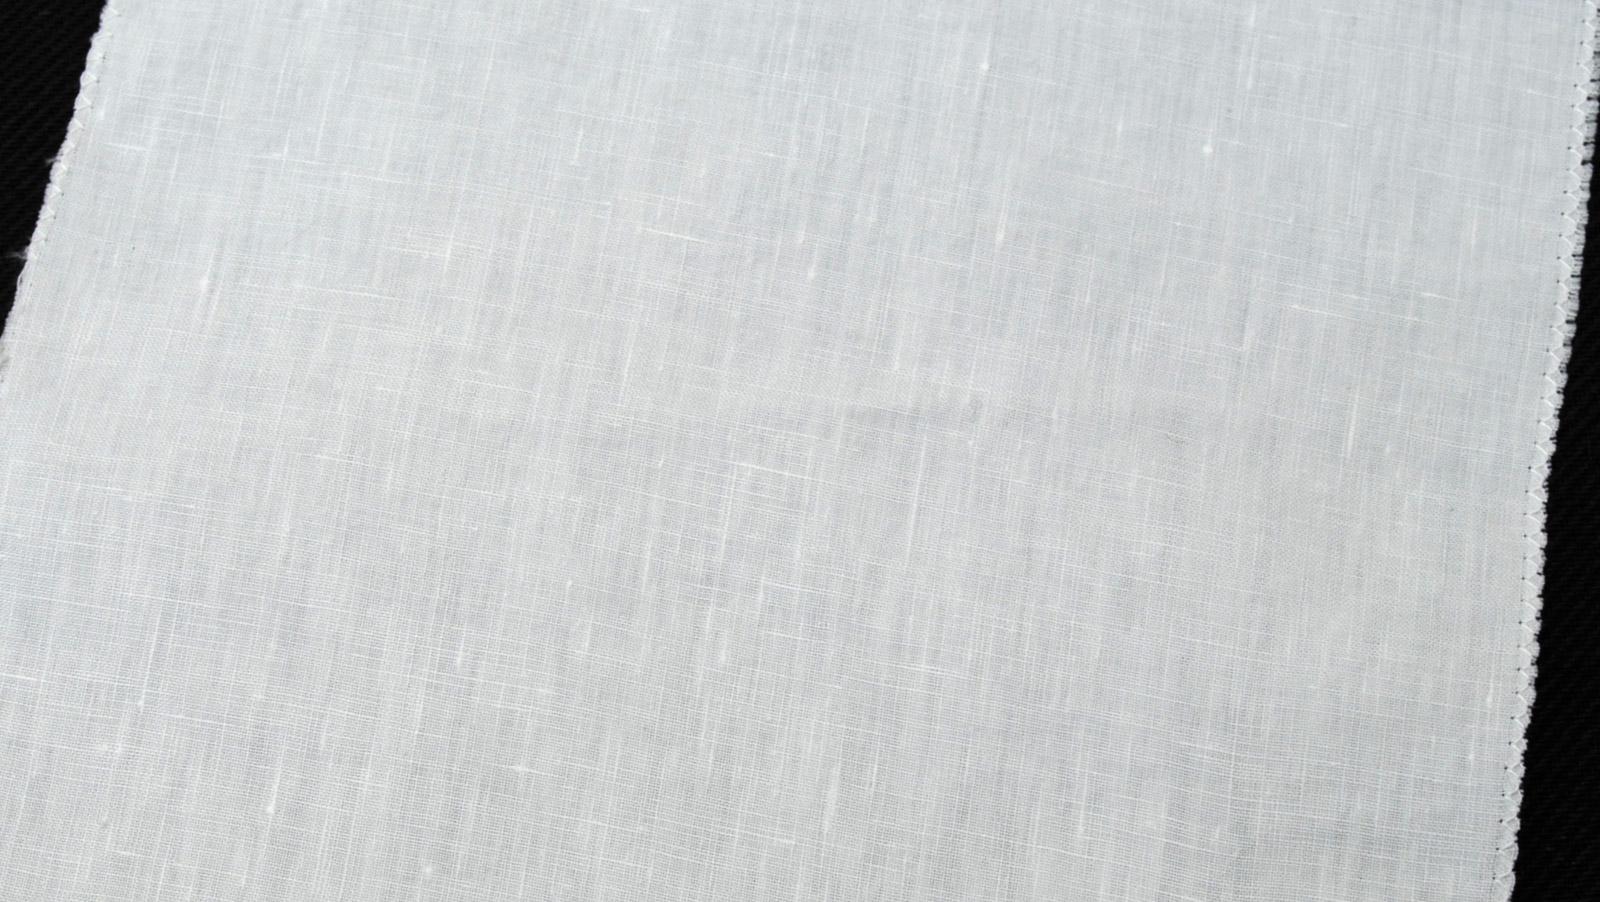 Art. 280 300 cm 100 % Leinen - Art. 280 300 cm 100 % linen